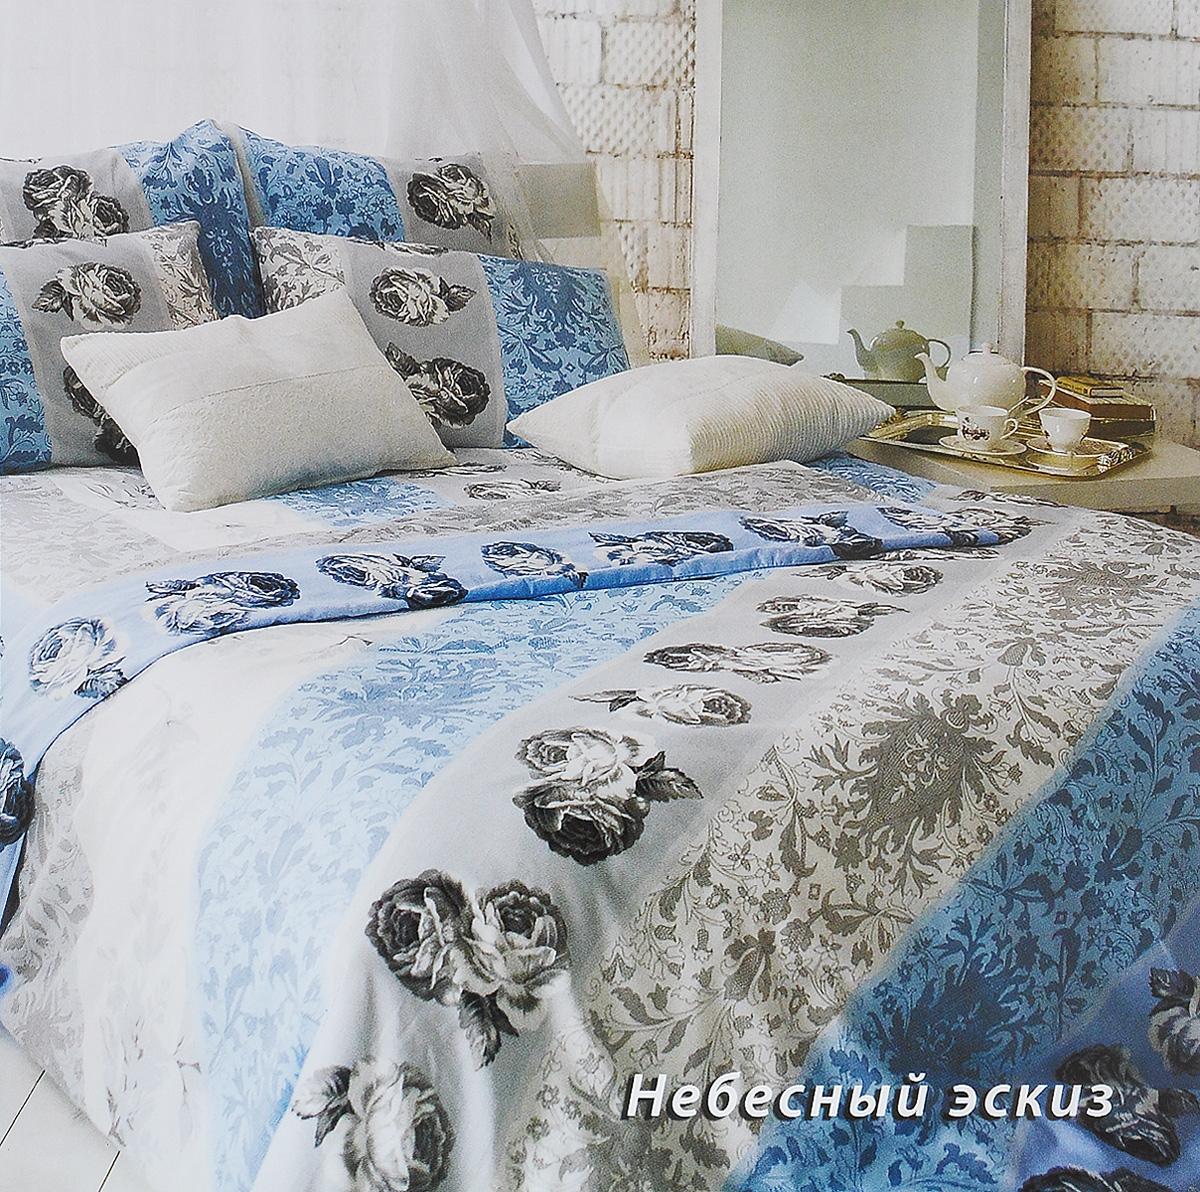 Комплект белья Tiffanys Secret Небесный эскиз, евро, наволочки 70х70, цвет: голубой, белый, серый2040815189Комплект постельного белья Tiffanys Secret Небесный эскиз является экологически безопасным для всей семьи, так как выполнен из сатина (100% хлопок). Комплект состоит из пододеяльника, простыни и двух наволочек. Предметы комплекта оформлены оригинальным рисунком. Благодаря такому комплекту постельного белья вы сможете создать атмосферу уюта и комфорта в вашей спальне. Сатин - это ткань, навсегда покорившая сердца человечества. Ценившие роскошь персы называли ее атлас, а искушенные в прекрасном французы - сатин. Секрет высококачественного сатина в безупречности всего технологического процесса. Эту благородную ткань делают только из отборной натуральной пряжи, которую получают из самого лучшего тонковолокнистого хлопка. Благодаря использованию самой тонкой хлопковой нити получается необычайно мягкое и нежное полотно. Сатиновое постельное белье превращает жаркие летние ночи в прохладные и освежающие, а холодные зимние - в теплые и согревающие. ...